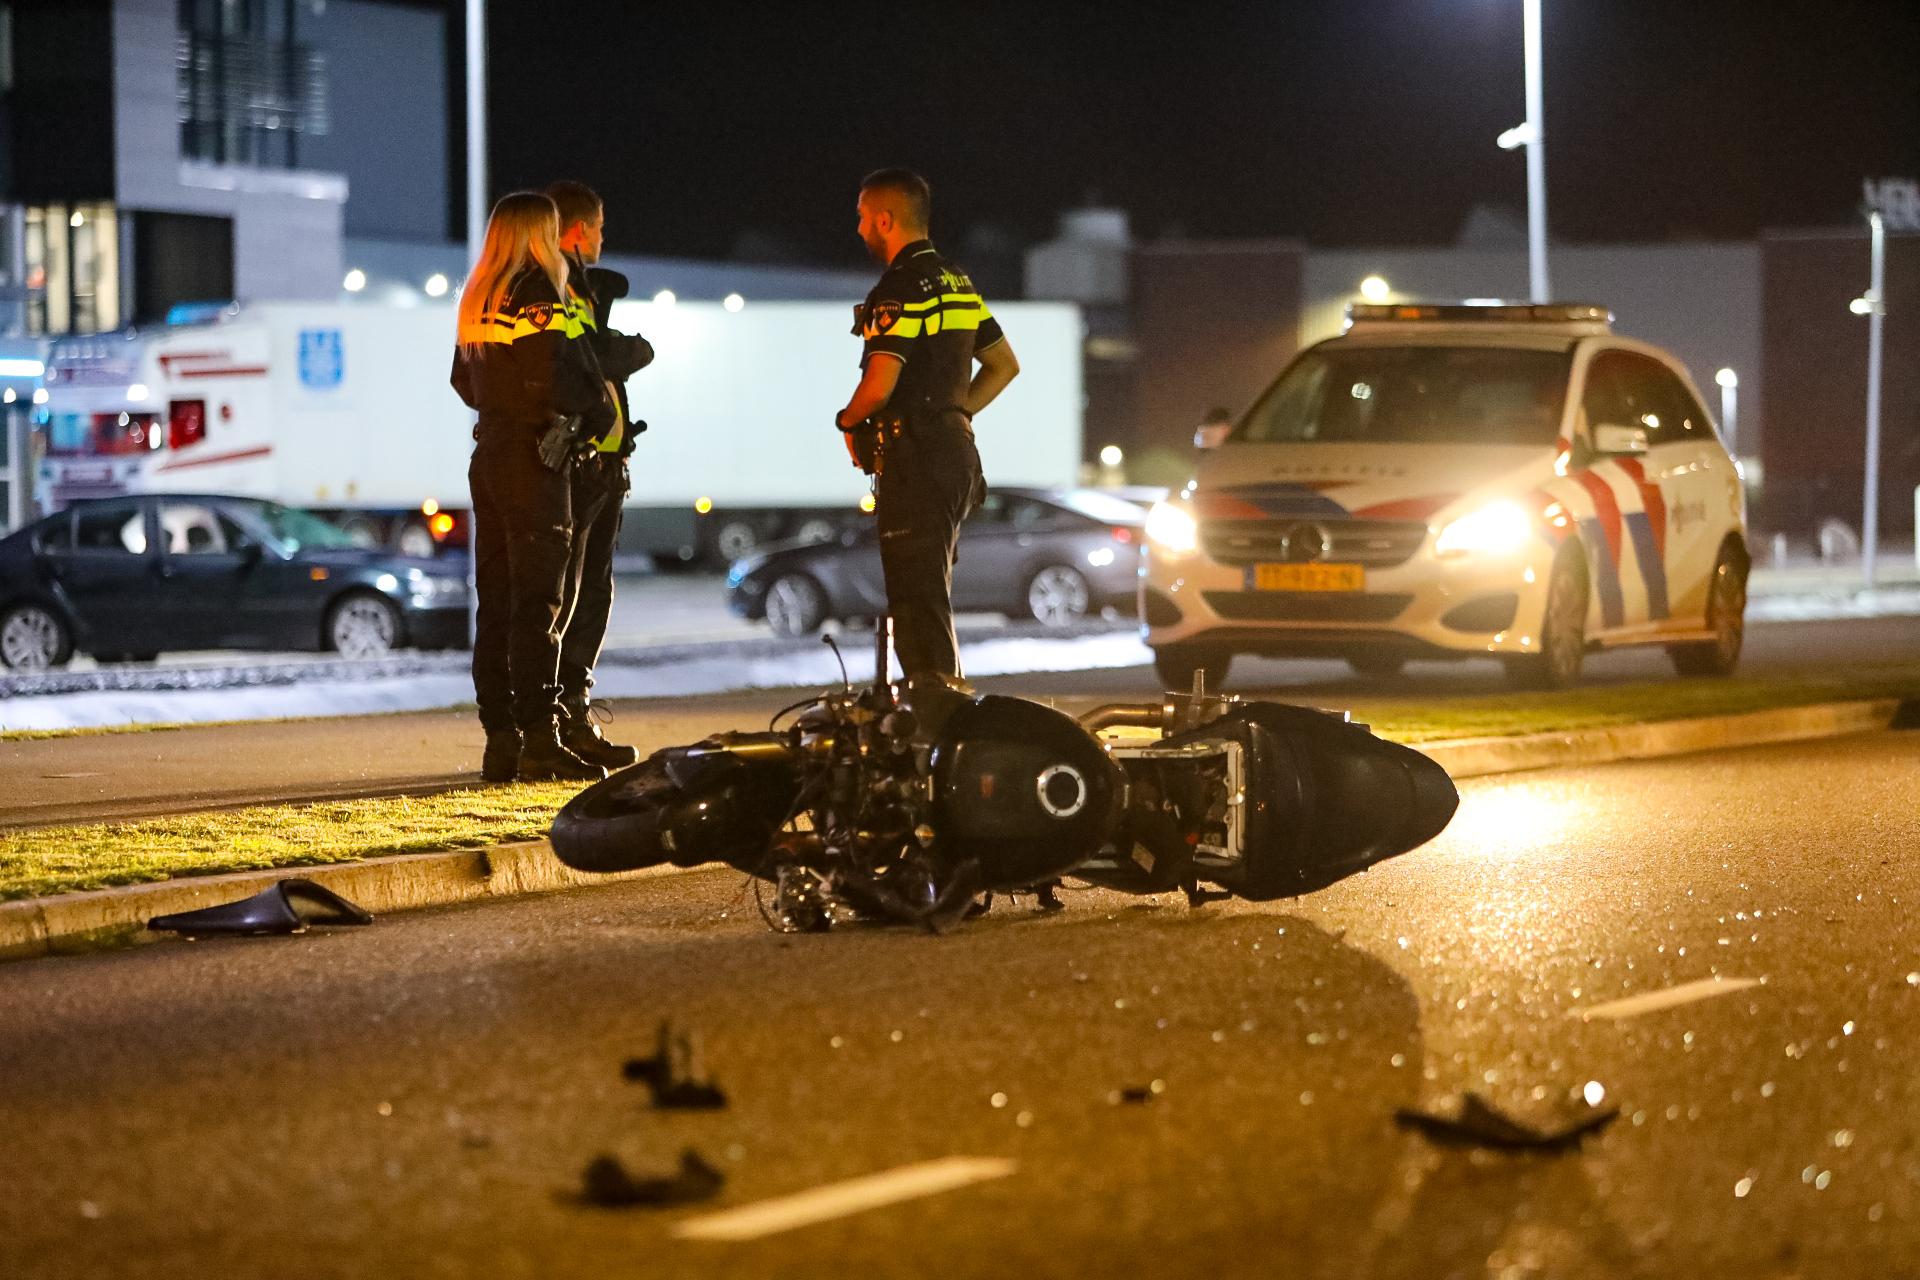 Gewonden bij ongeluk op de Ecofactorij in Apeldoorn